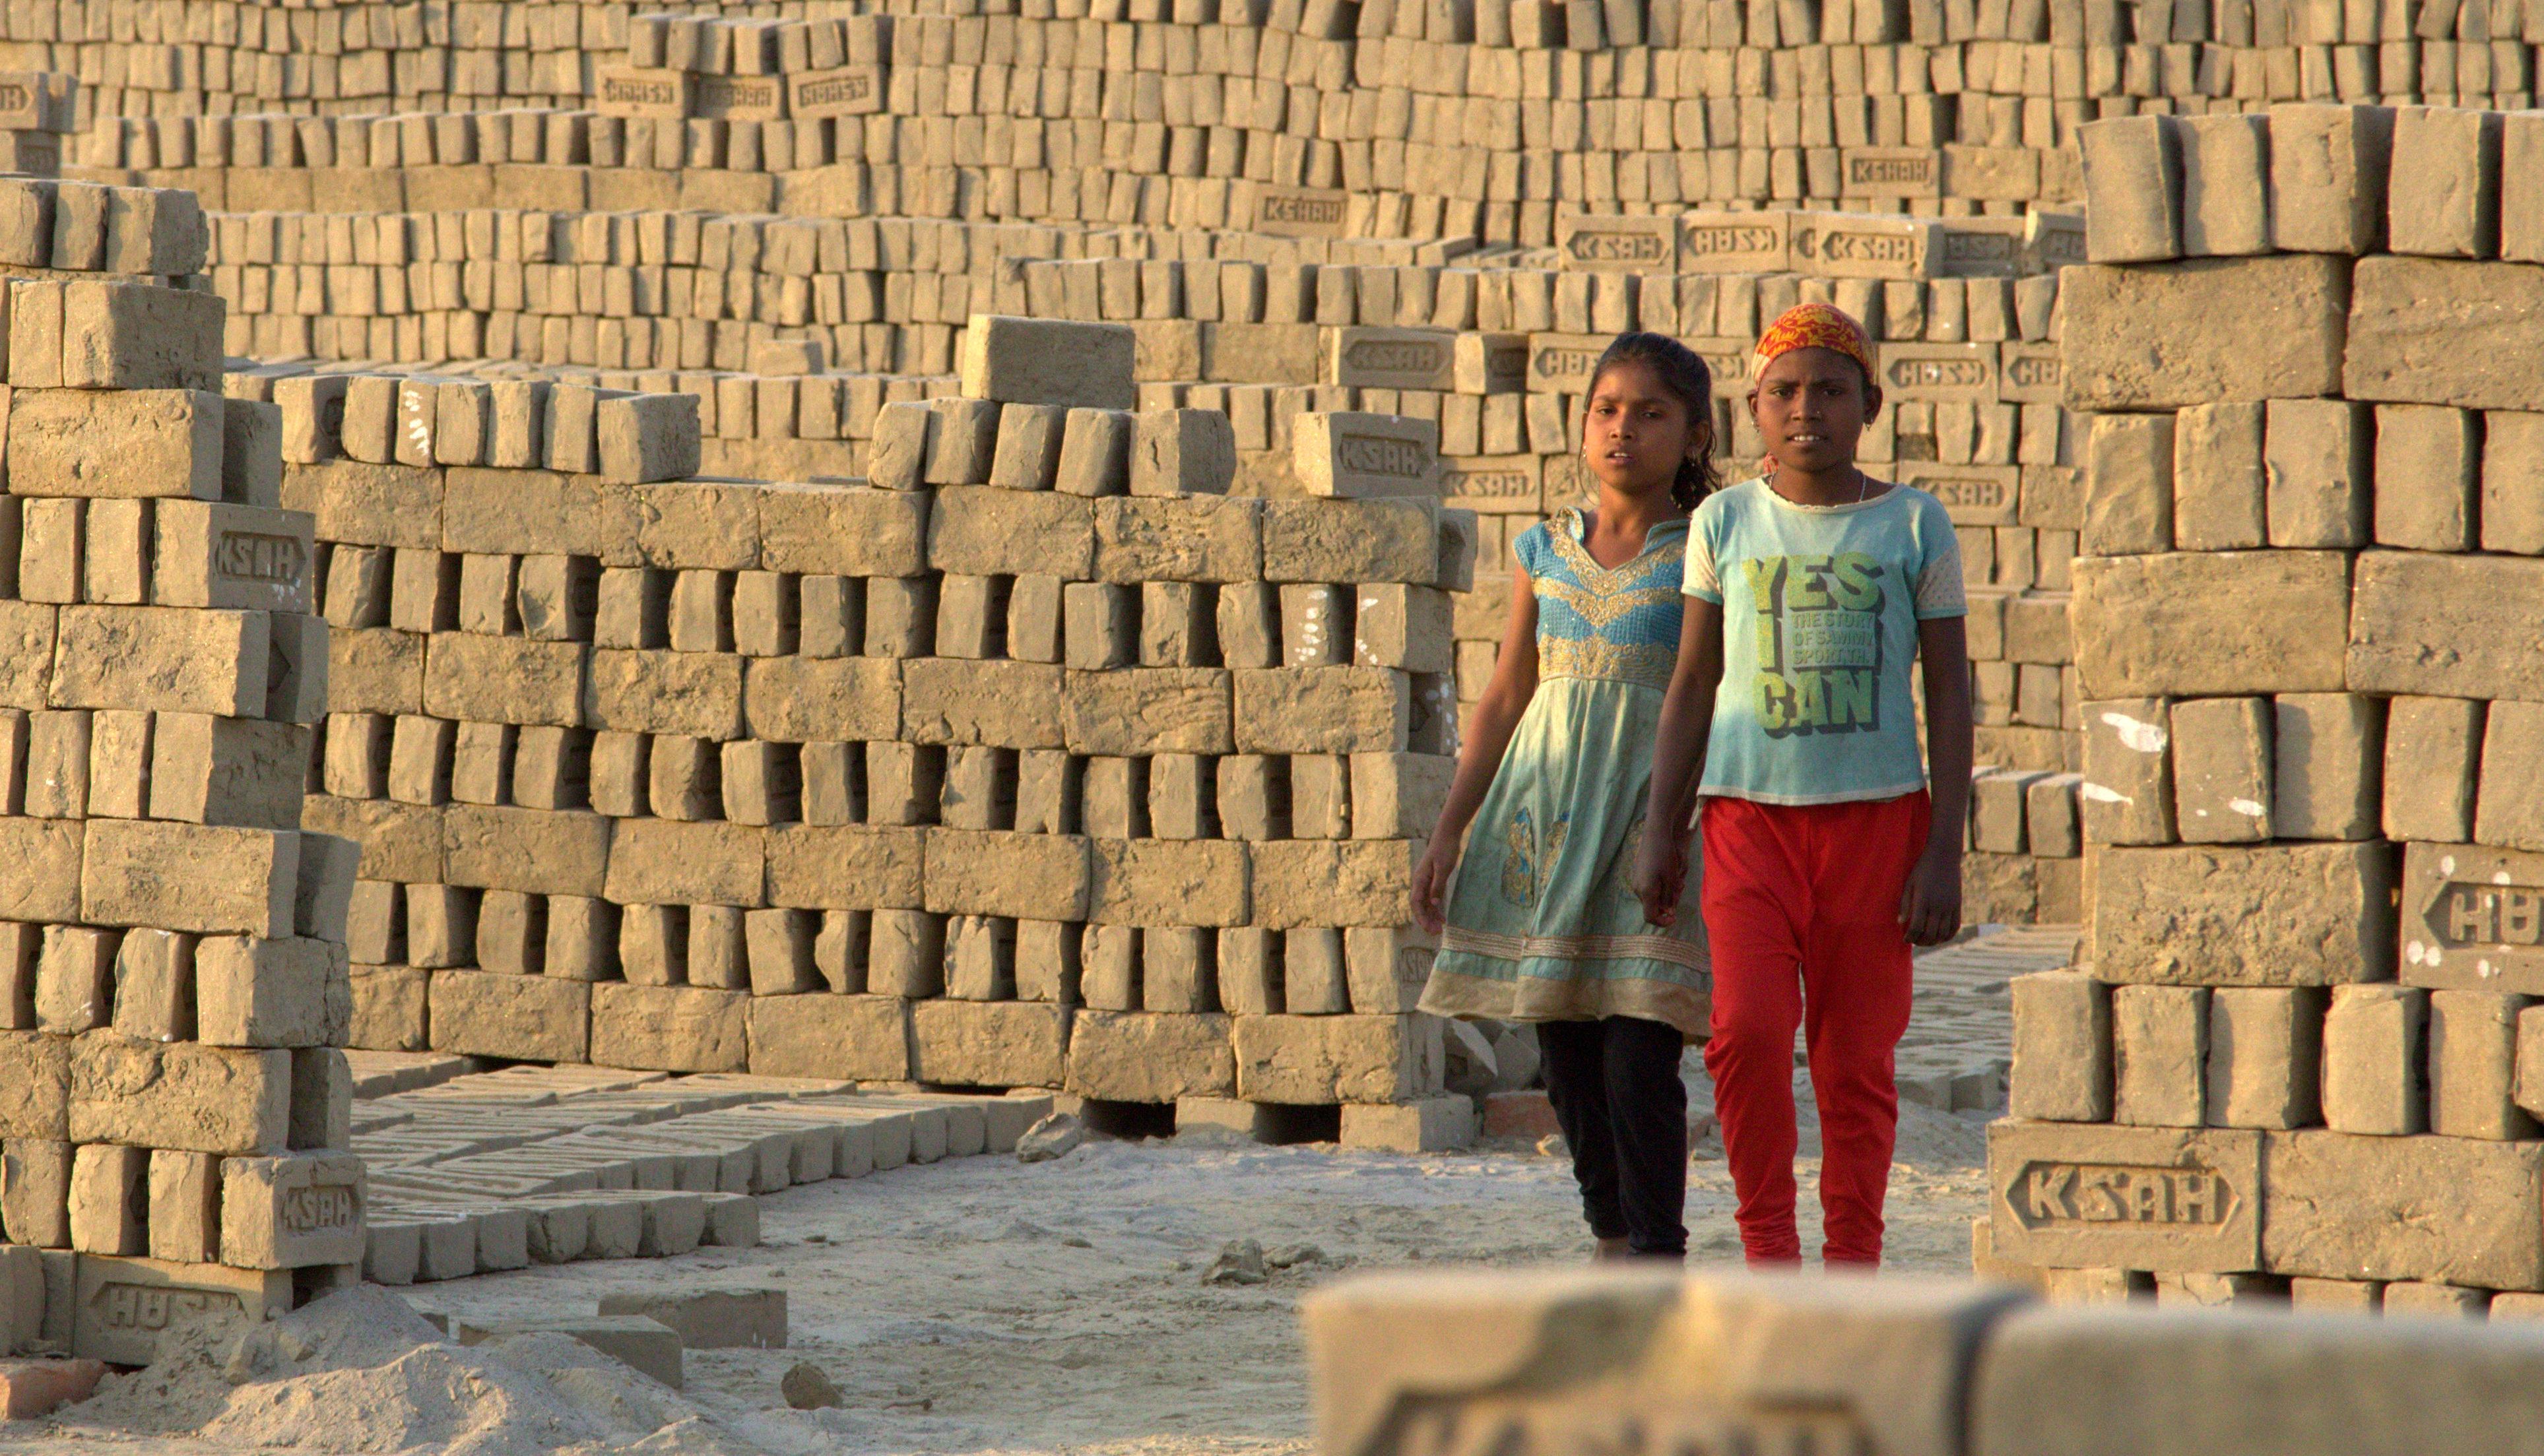 Koyel (rechts) und ihre Schwester Payal auf dem Weg zur Arbeit. (Quelle: Malte Pfau)